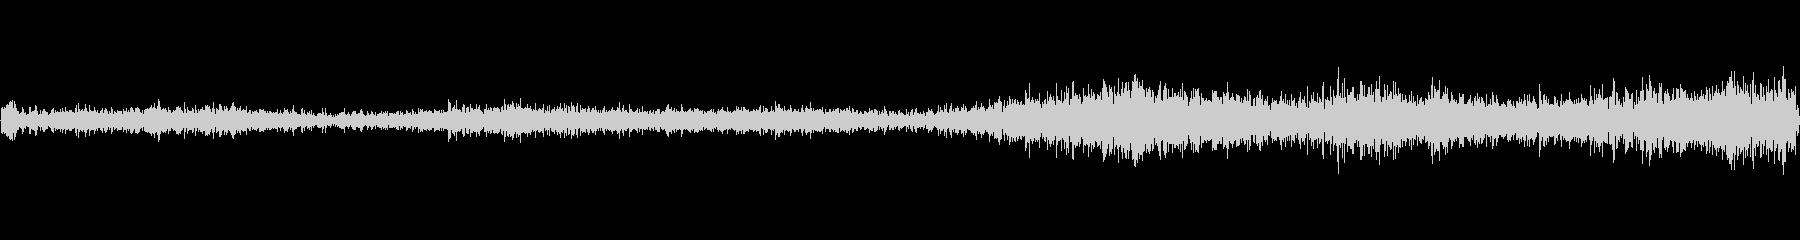 アーケード-アーケードサウンド、各種の未再生の波形